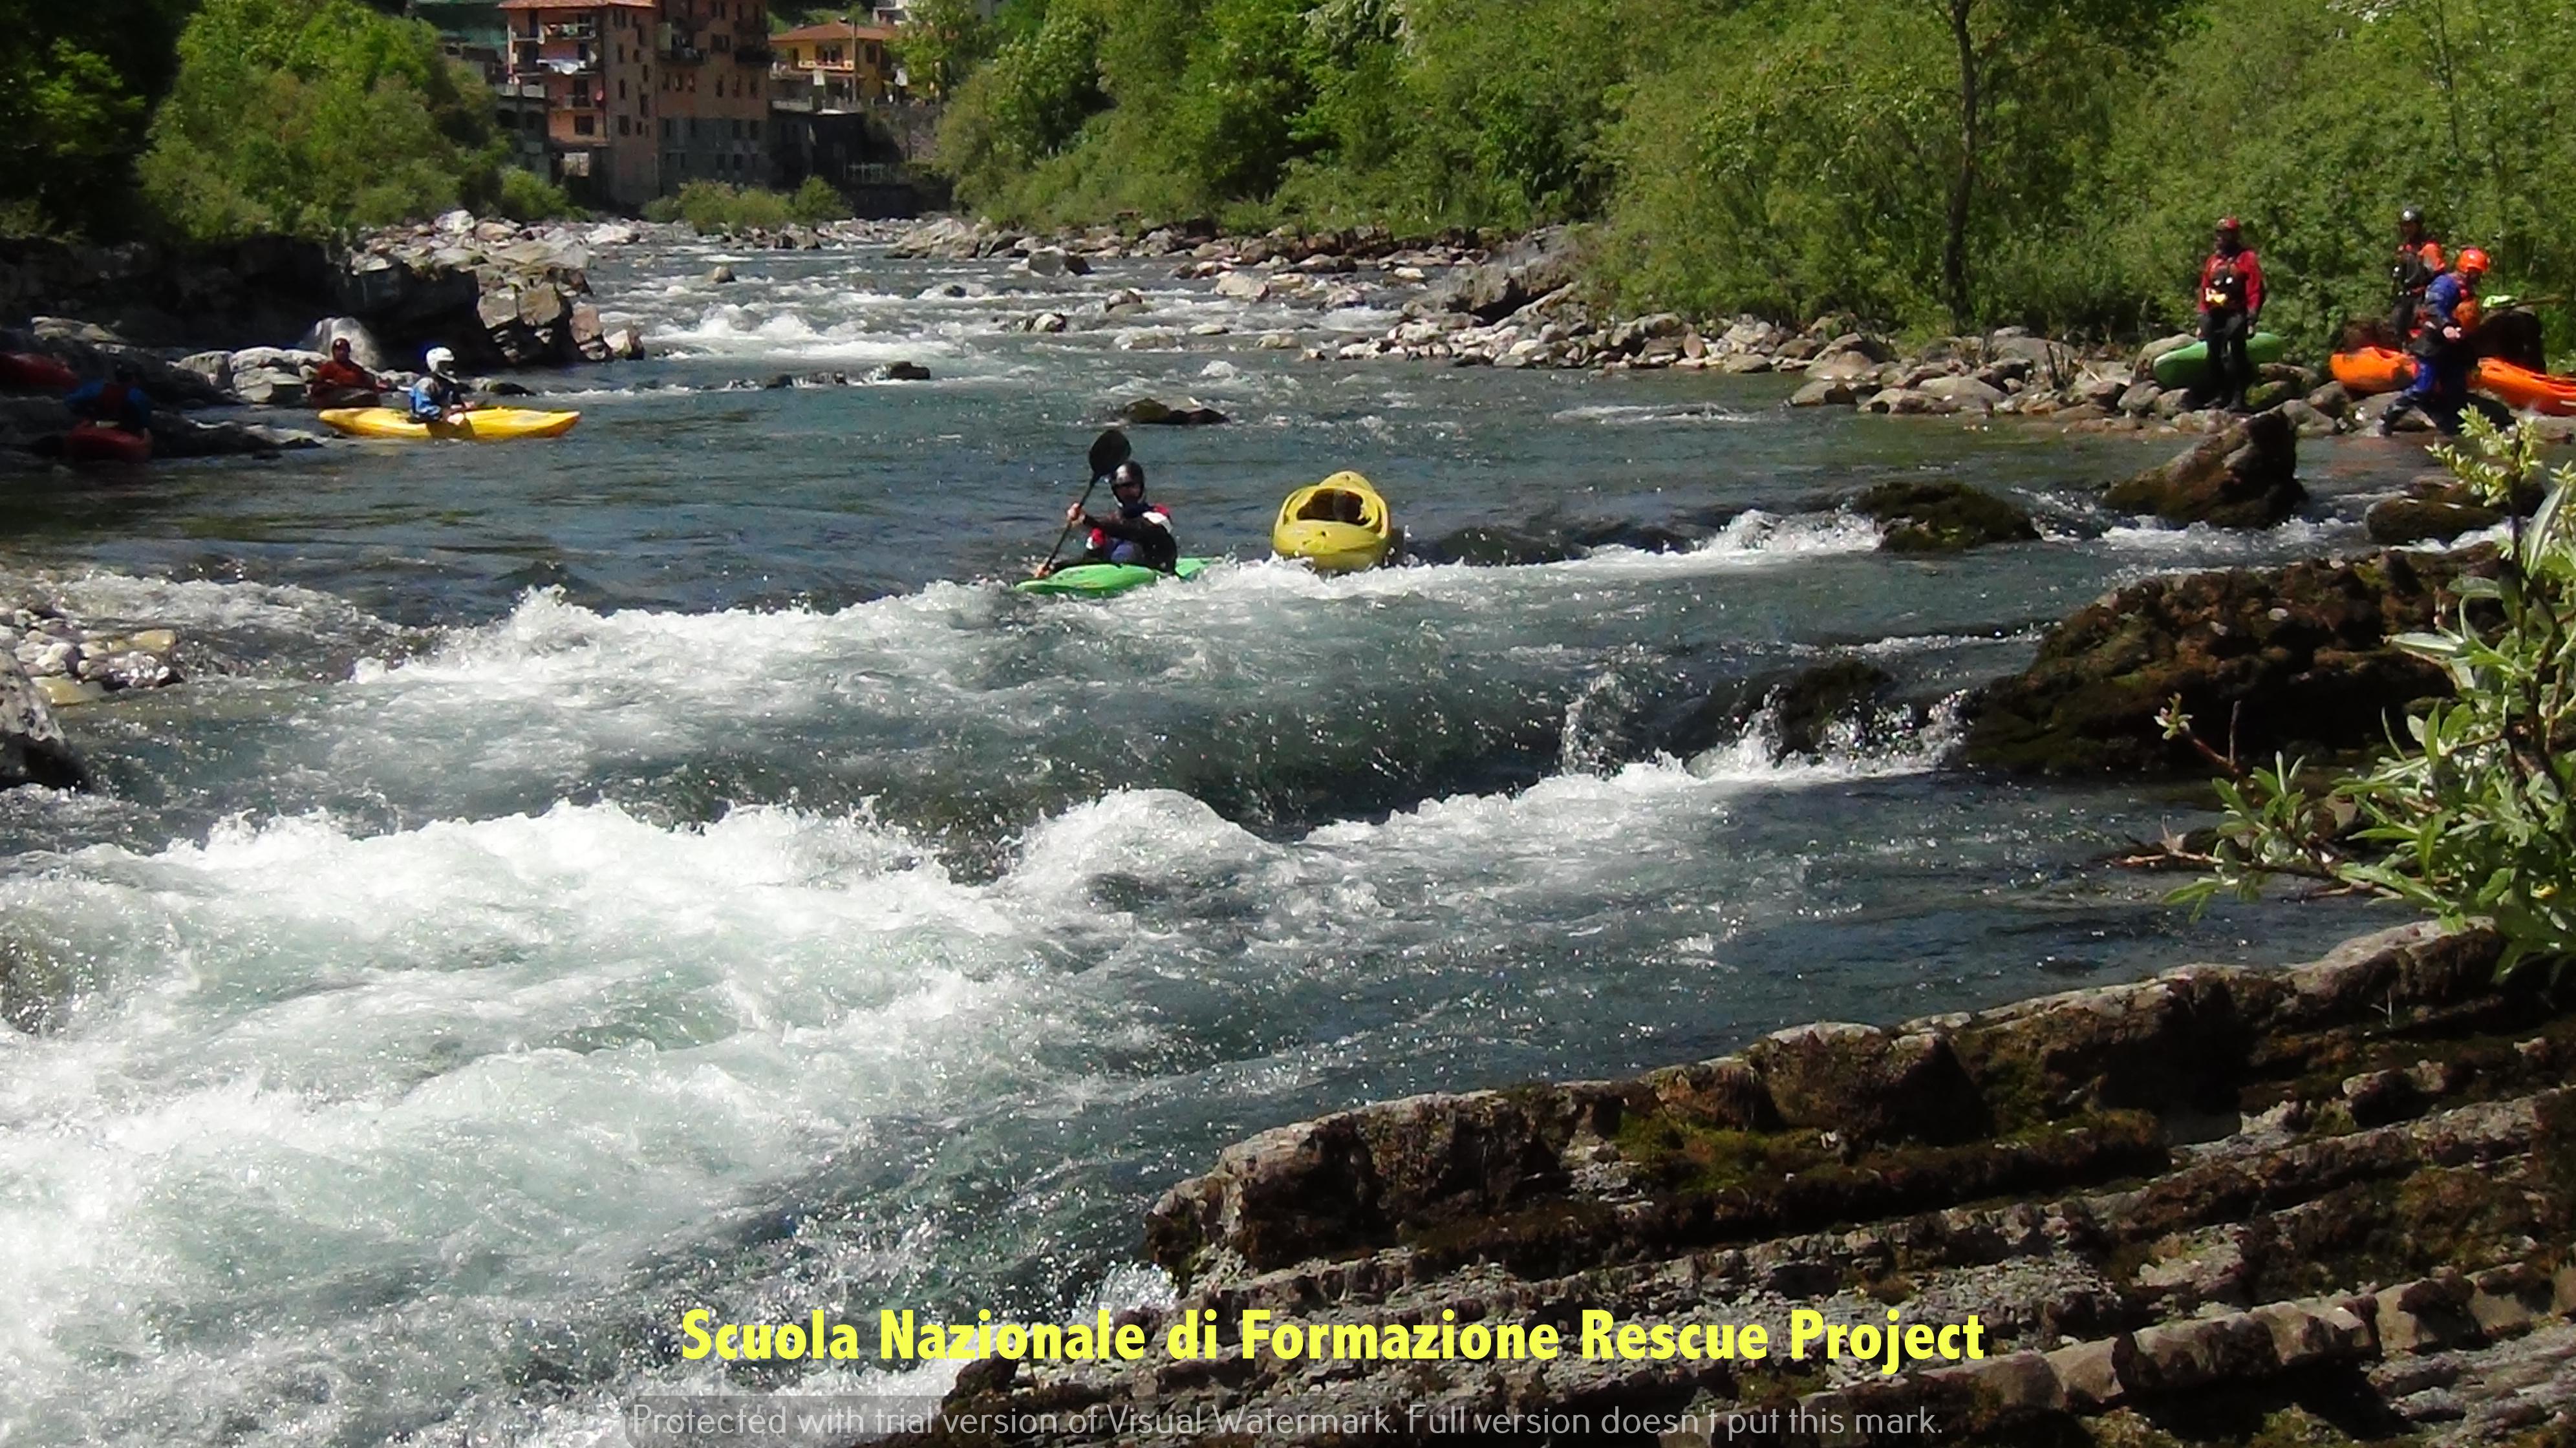 Scuola Nazionale di Formazione  Rescue Project153